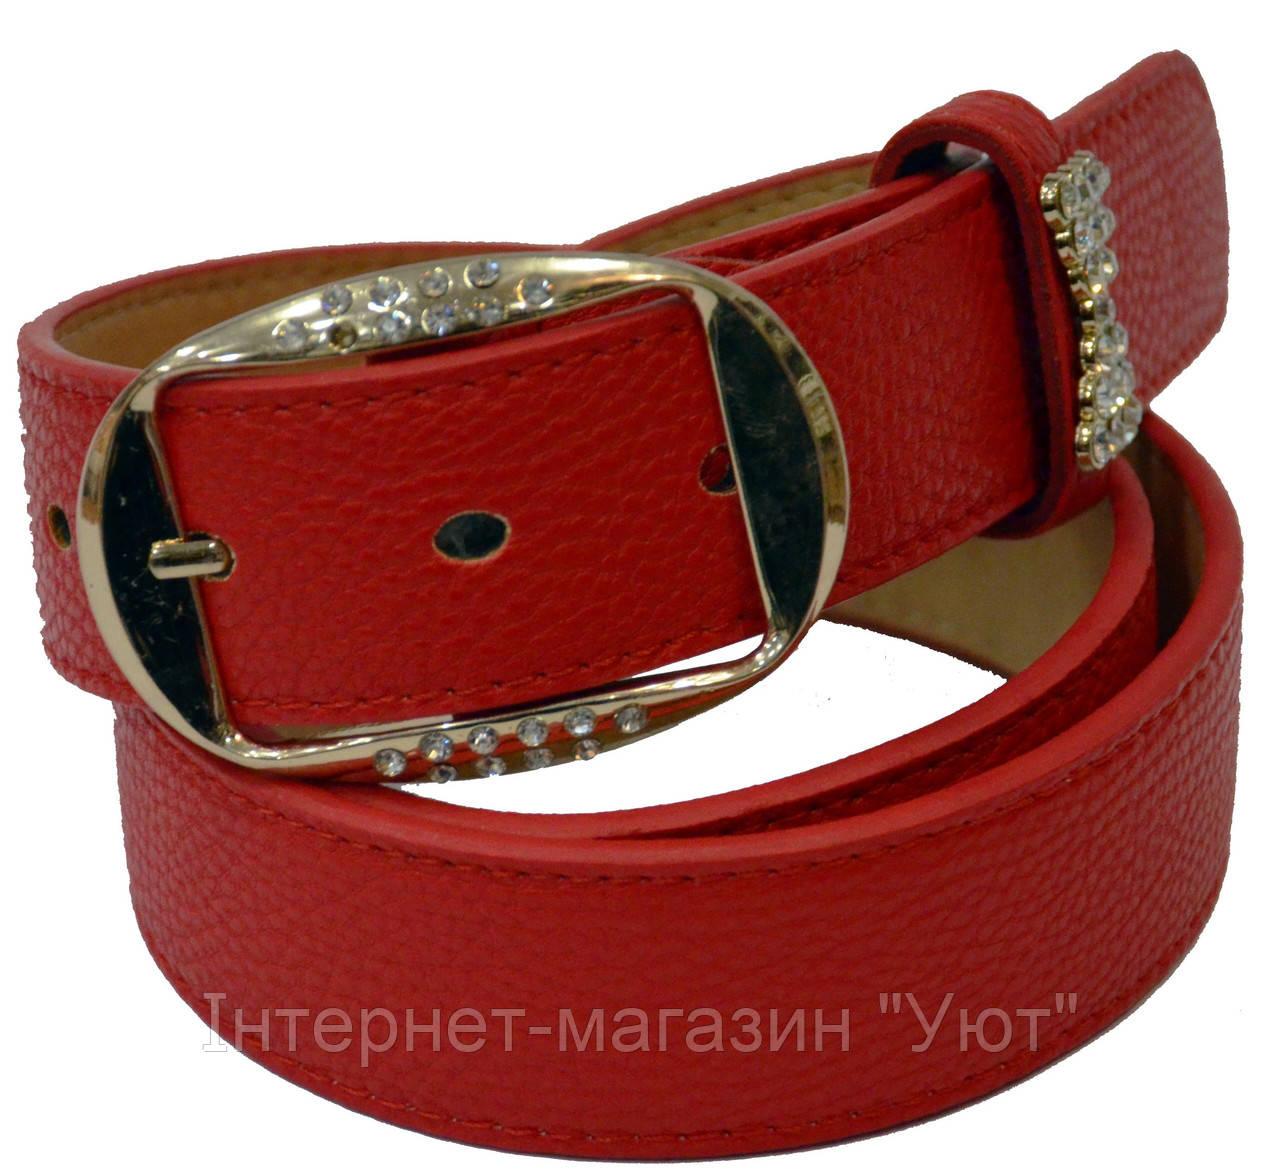 Женский ремень с пряжкой в стразах часы красный кожаный ремень